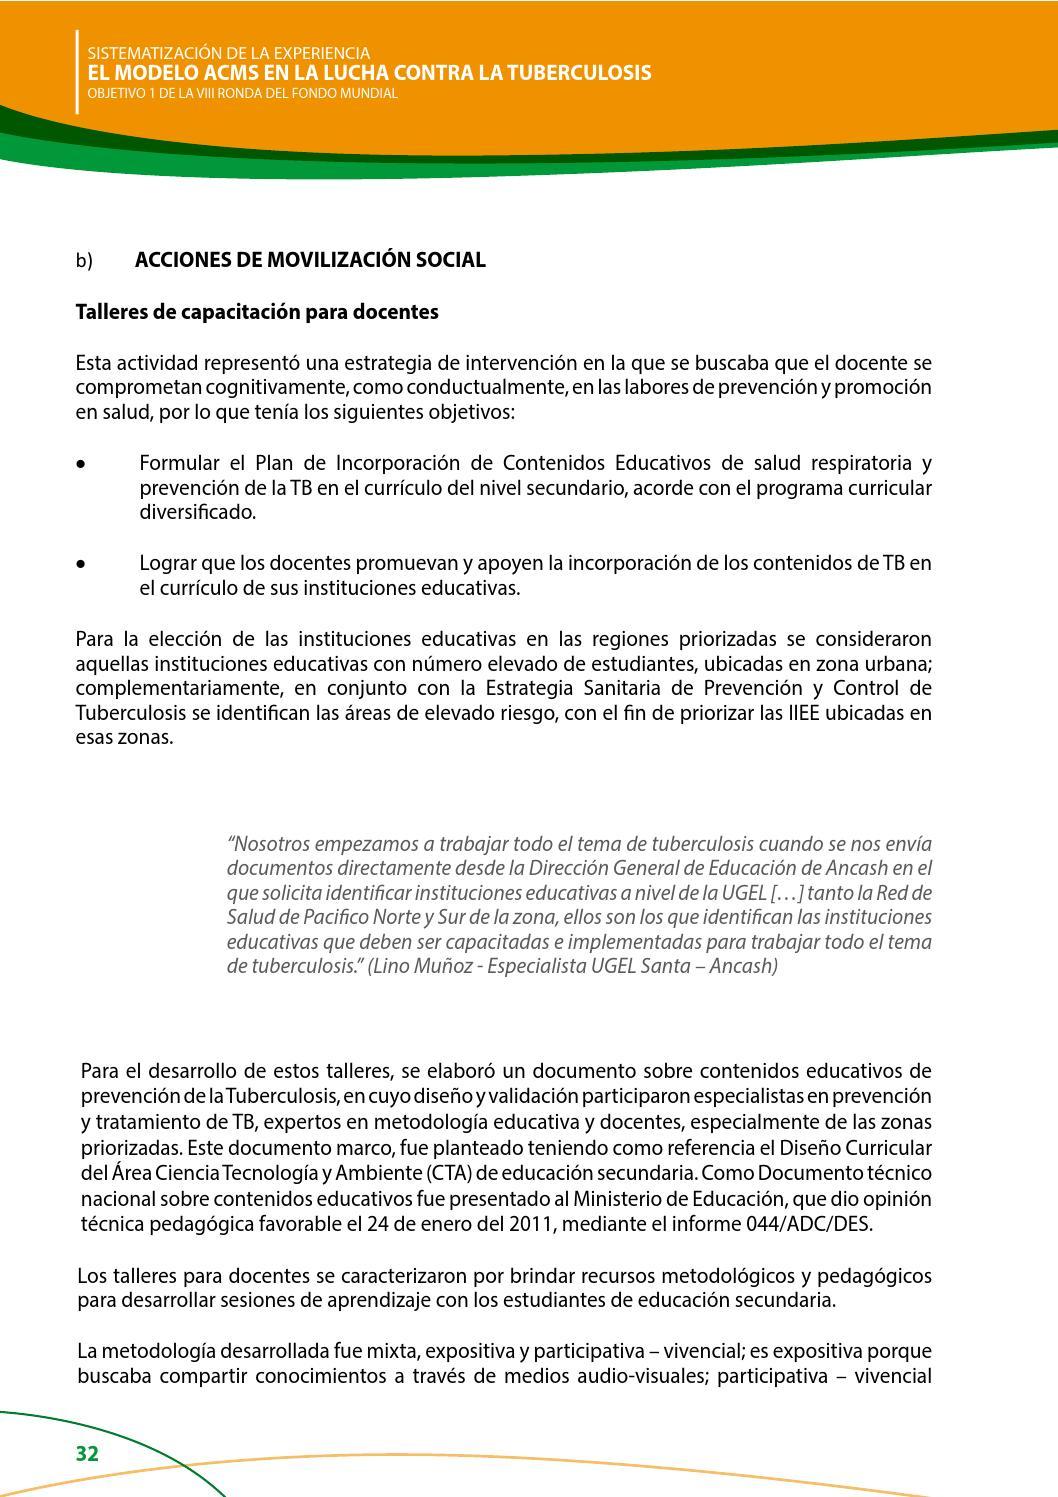 Sistematizacion de la experiencia EL MODELO ACMS EN LA LUCHA CONTRA ...